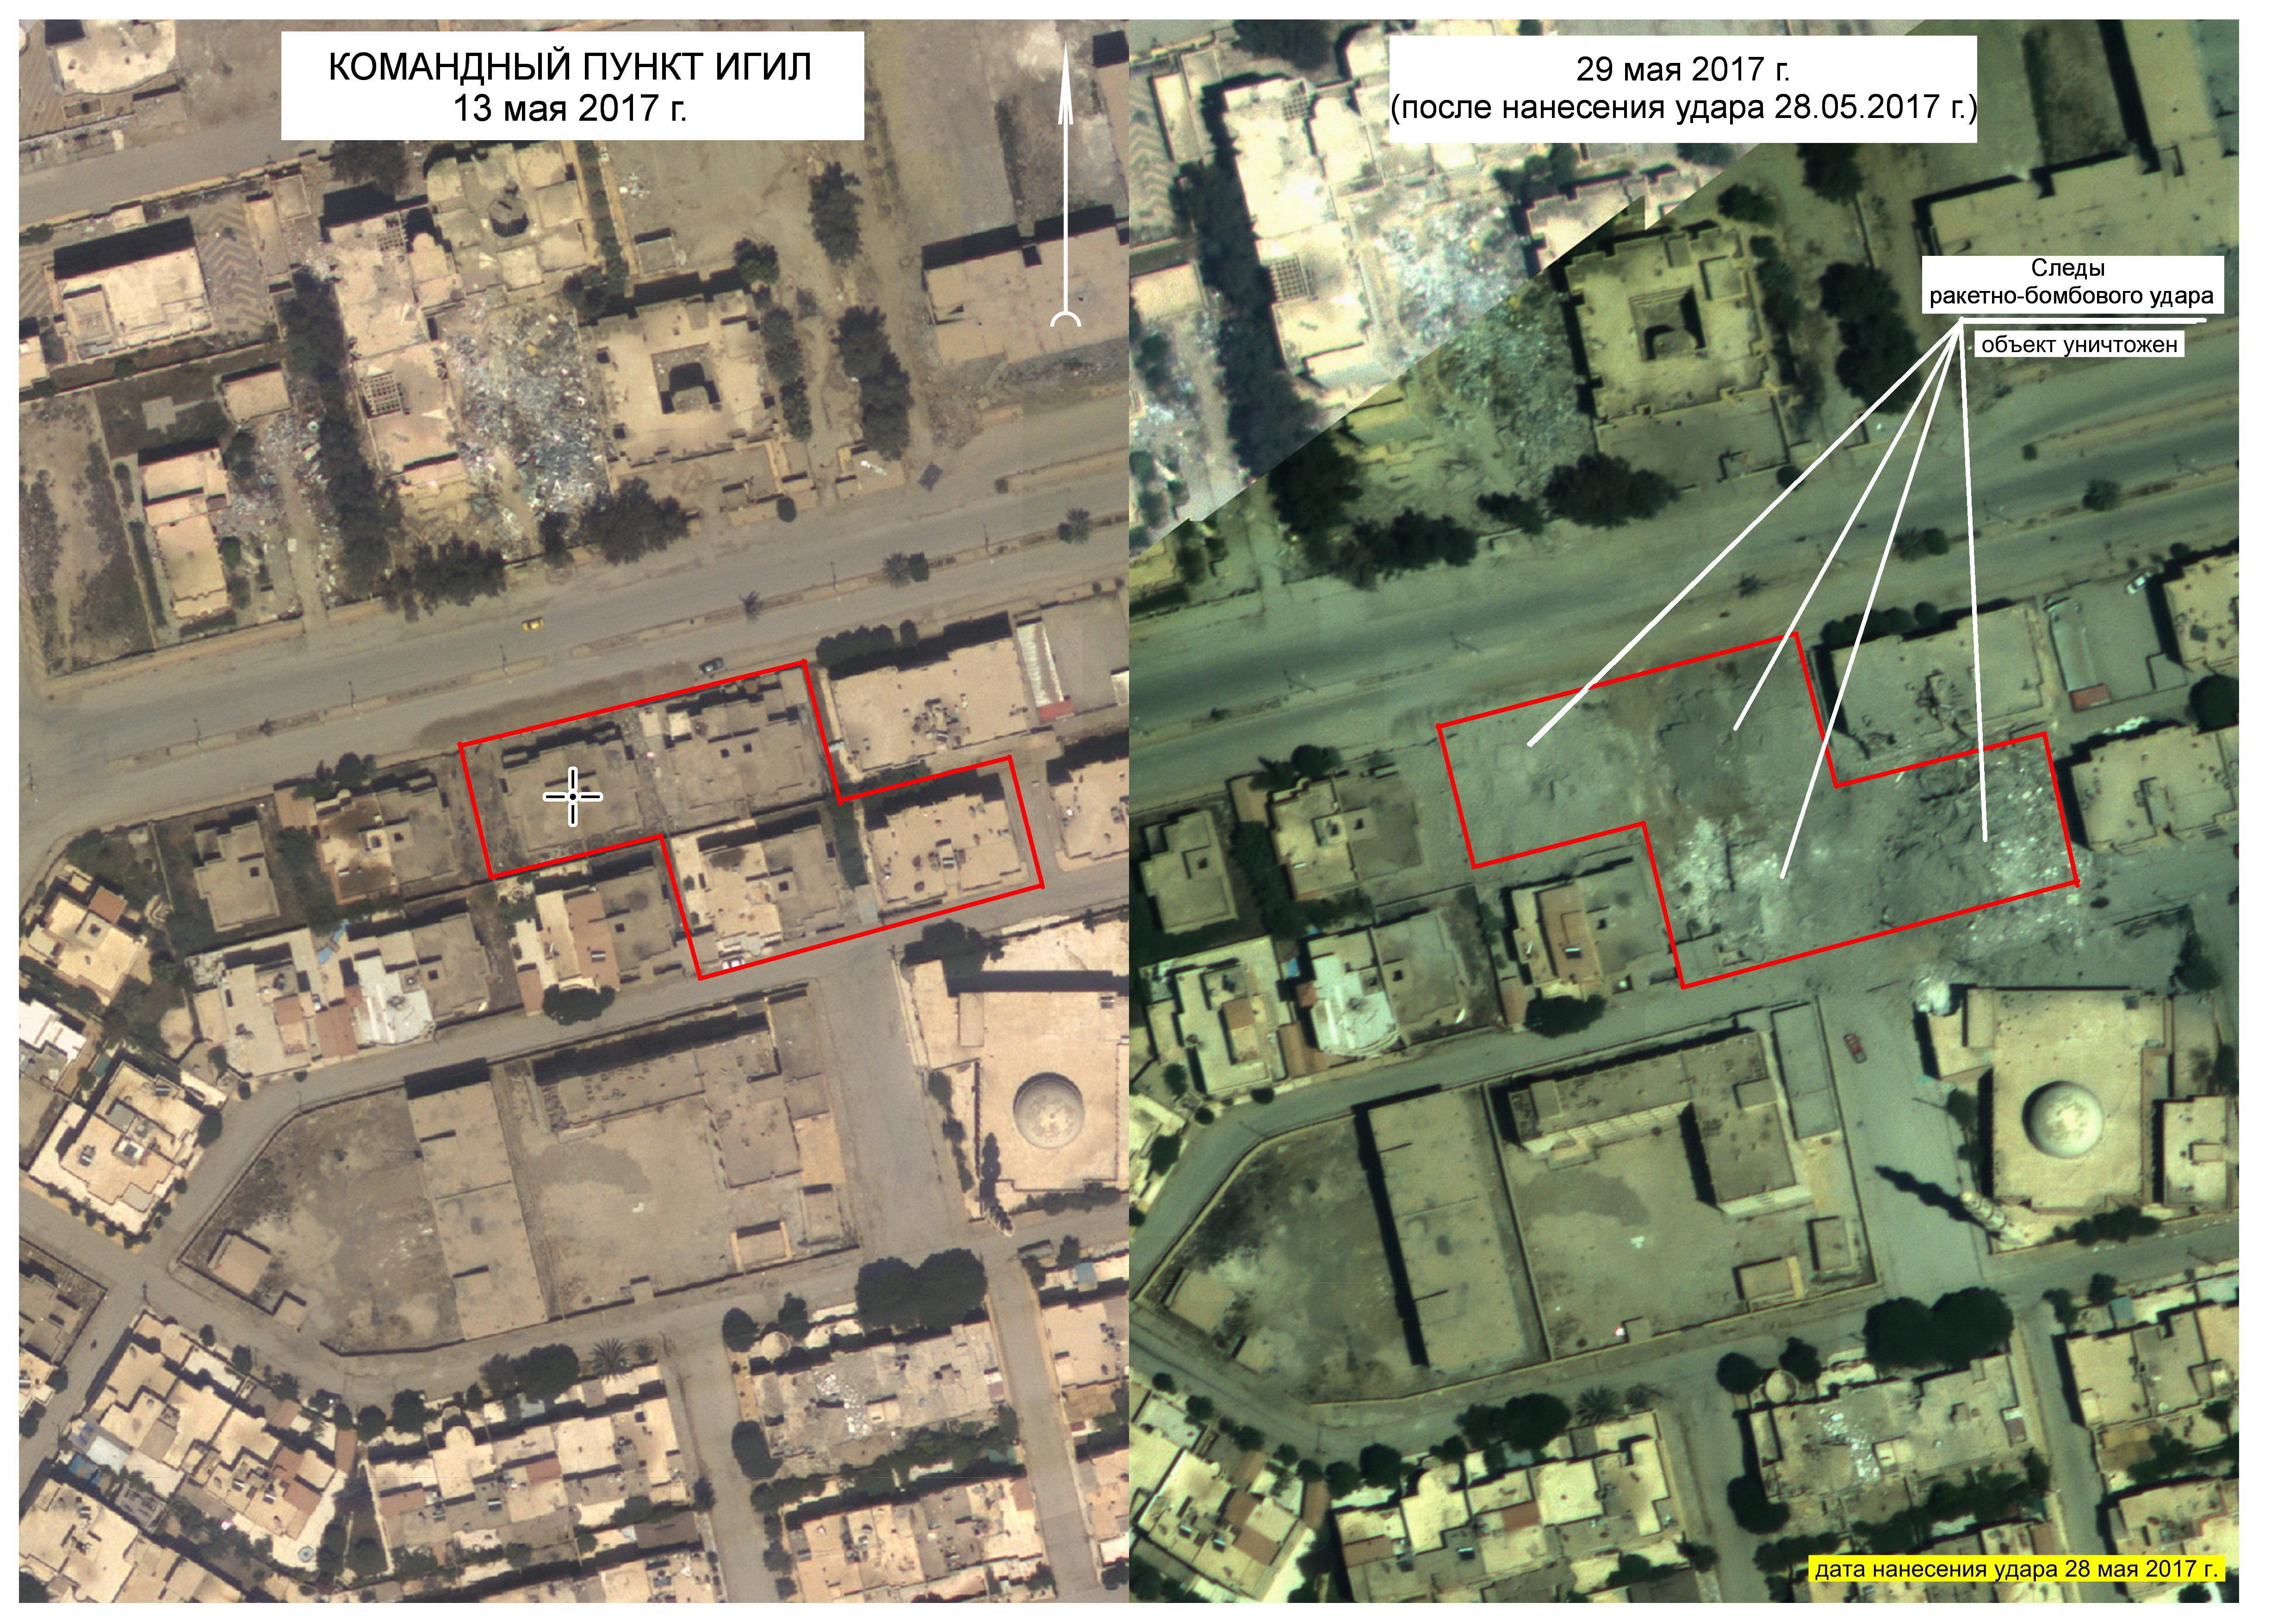 La zona del consiglio militare del Daesh dopo il raid